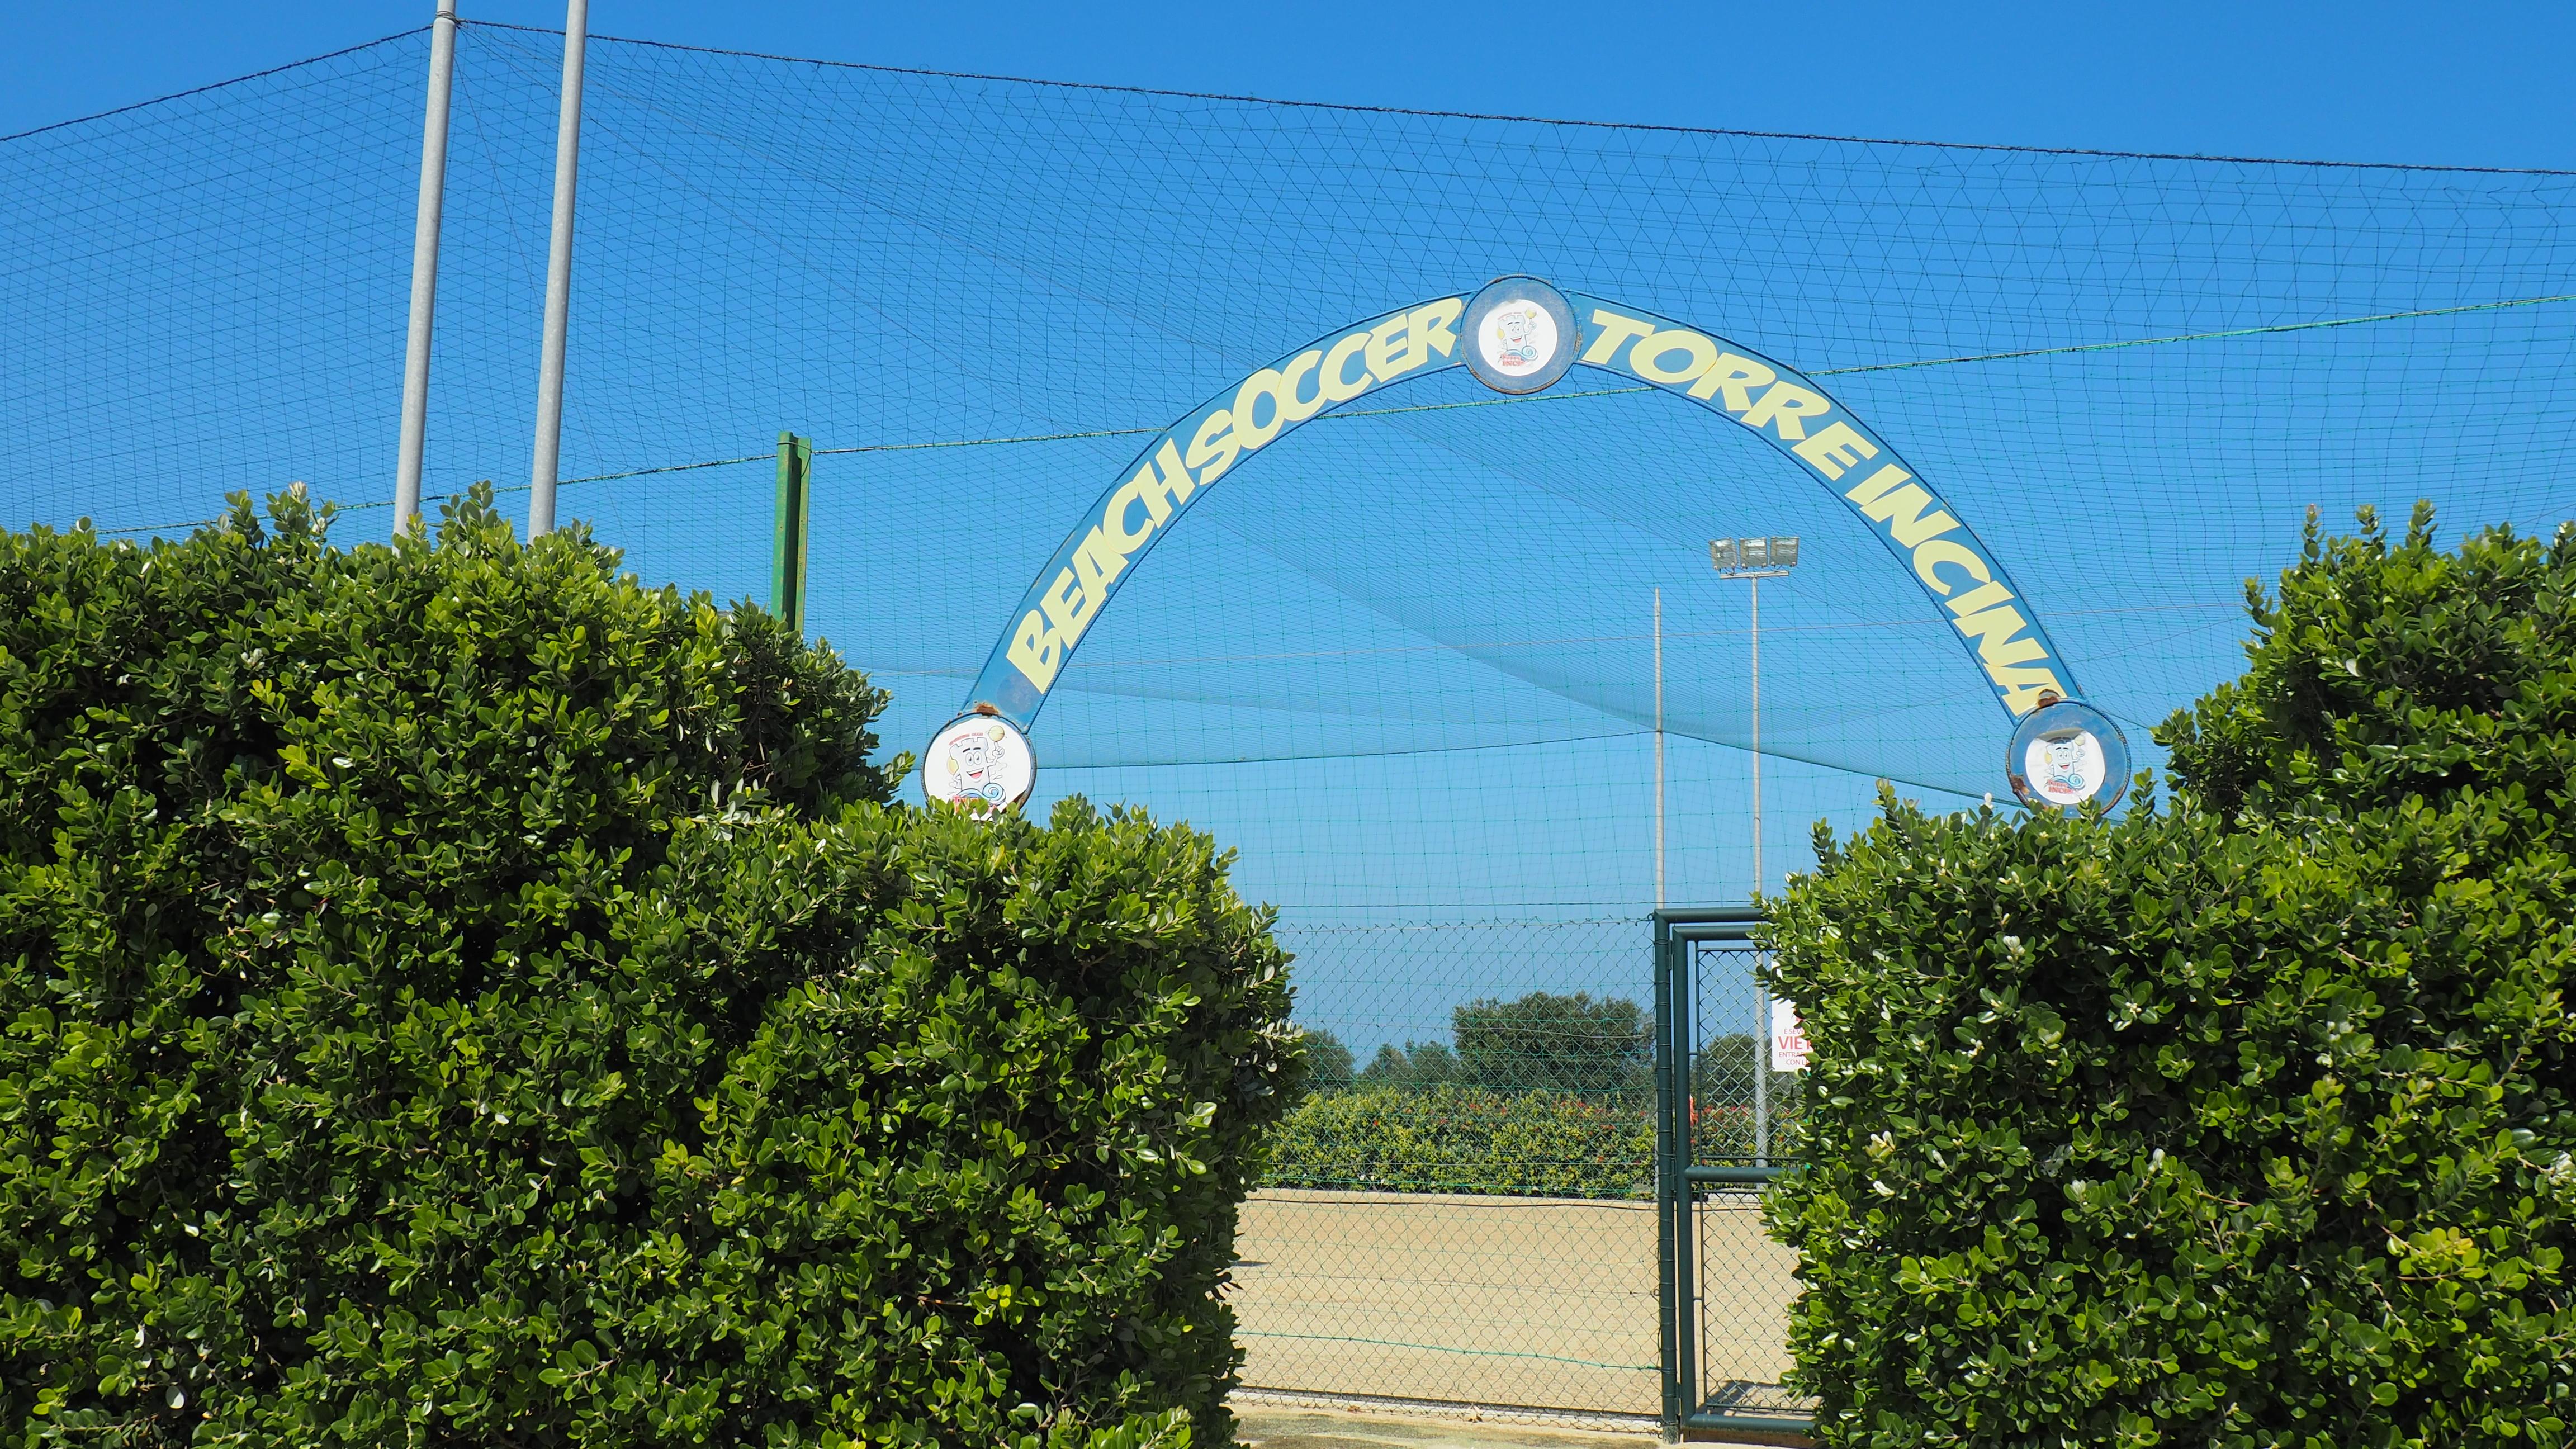 Centro sportivo polignano a mare beach volley e soccer sporting